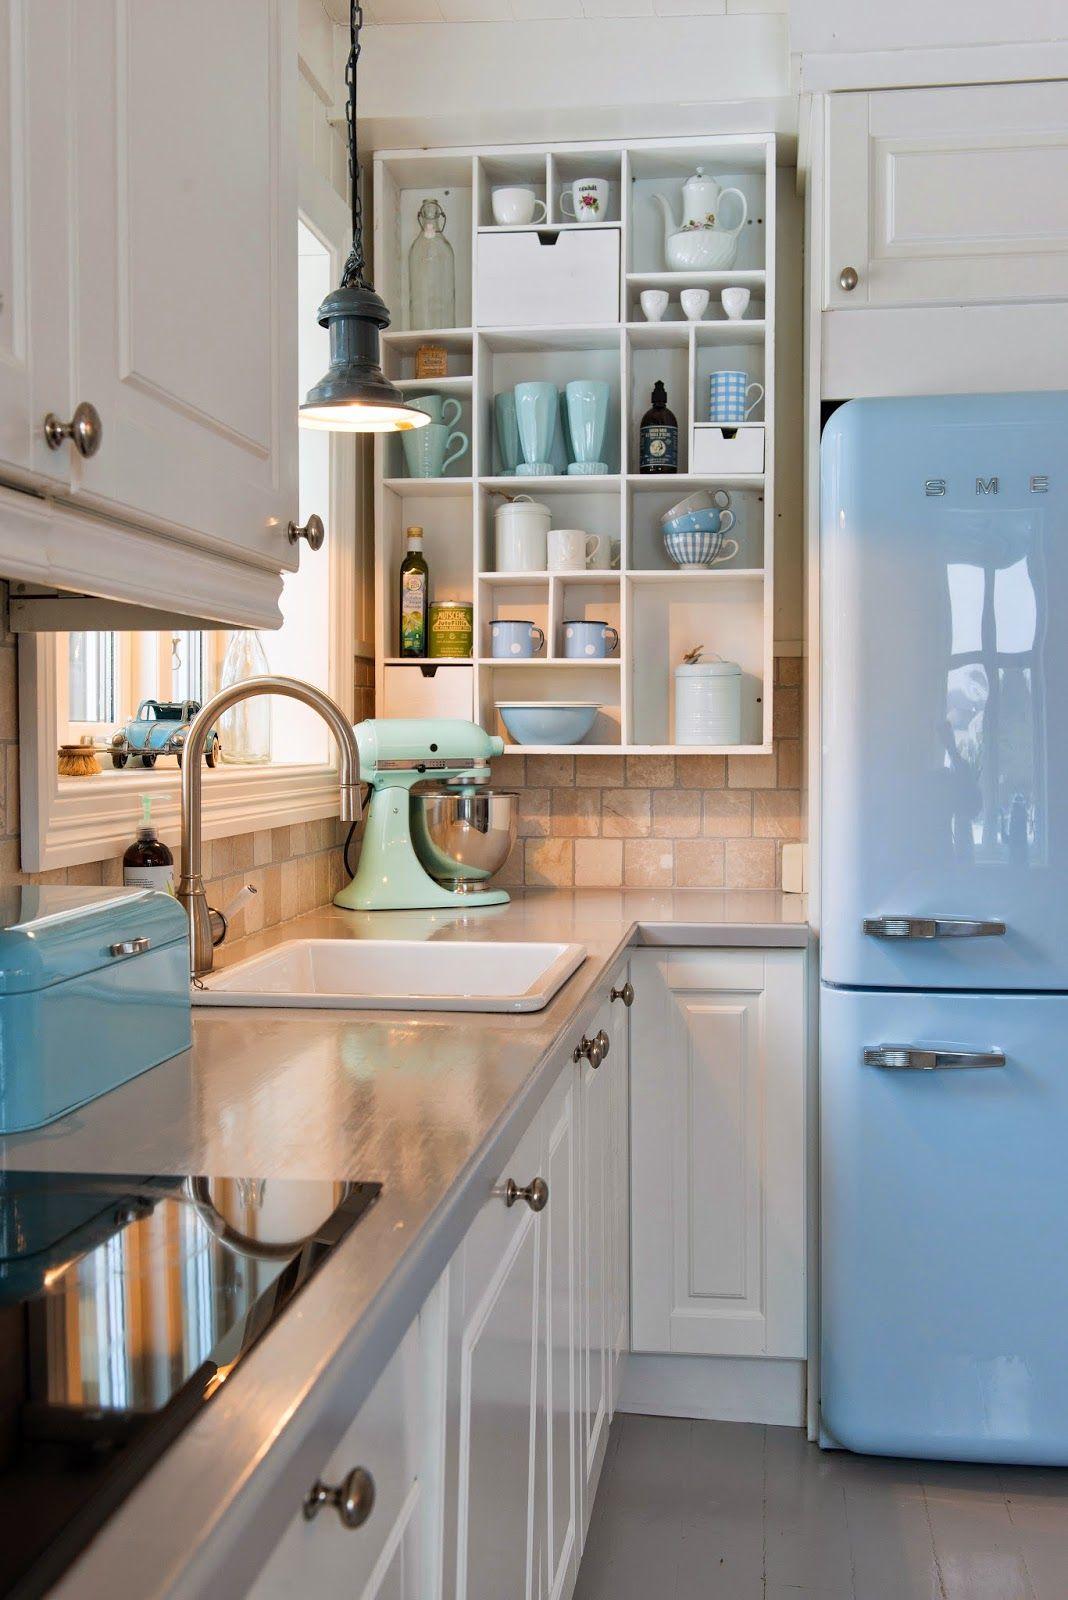 Frigor ficos de dise o retro estilo a os 50 fab de smeg for Retro kitchen ideas pinterest